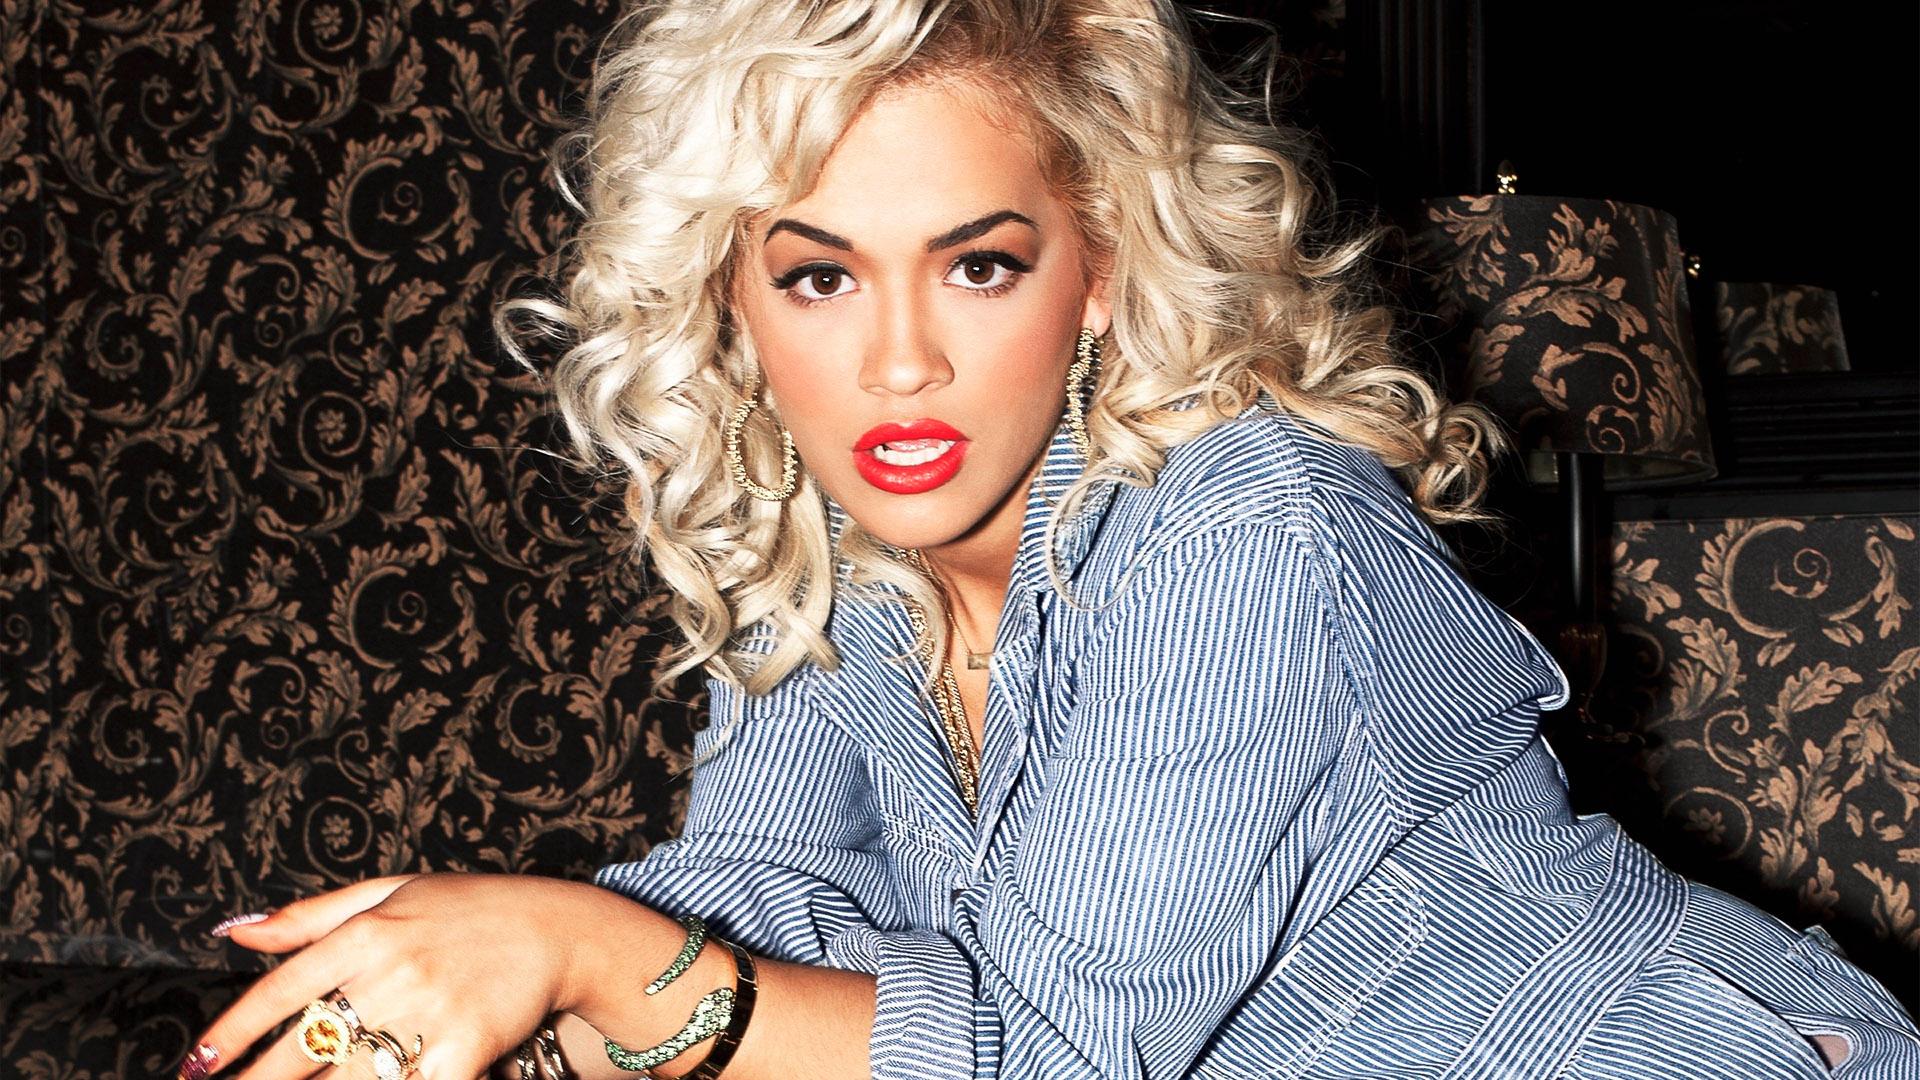 Your Song av Rita Ora